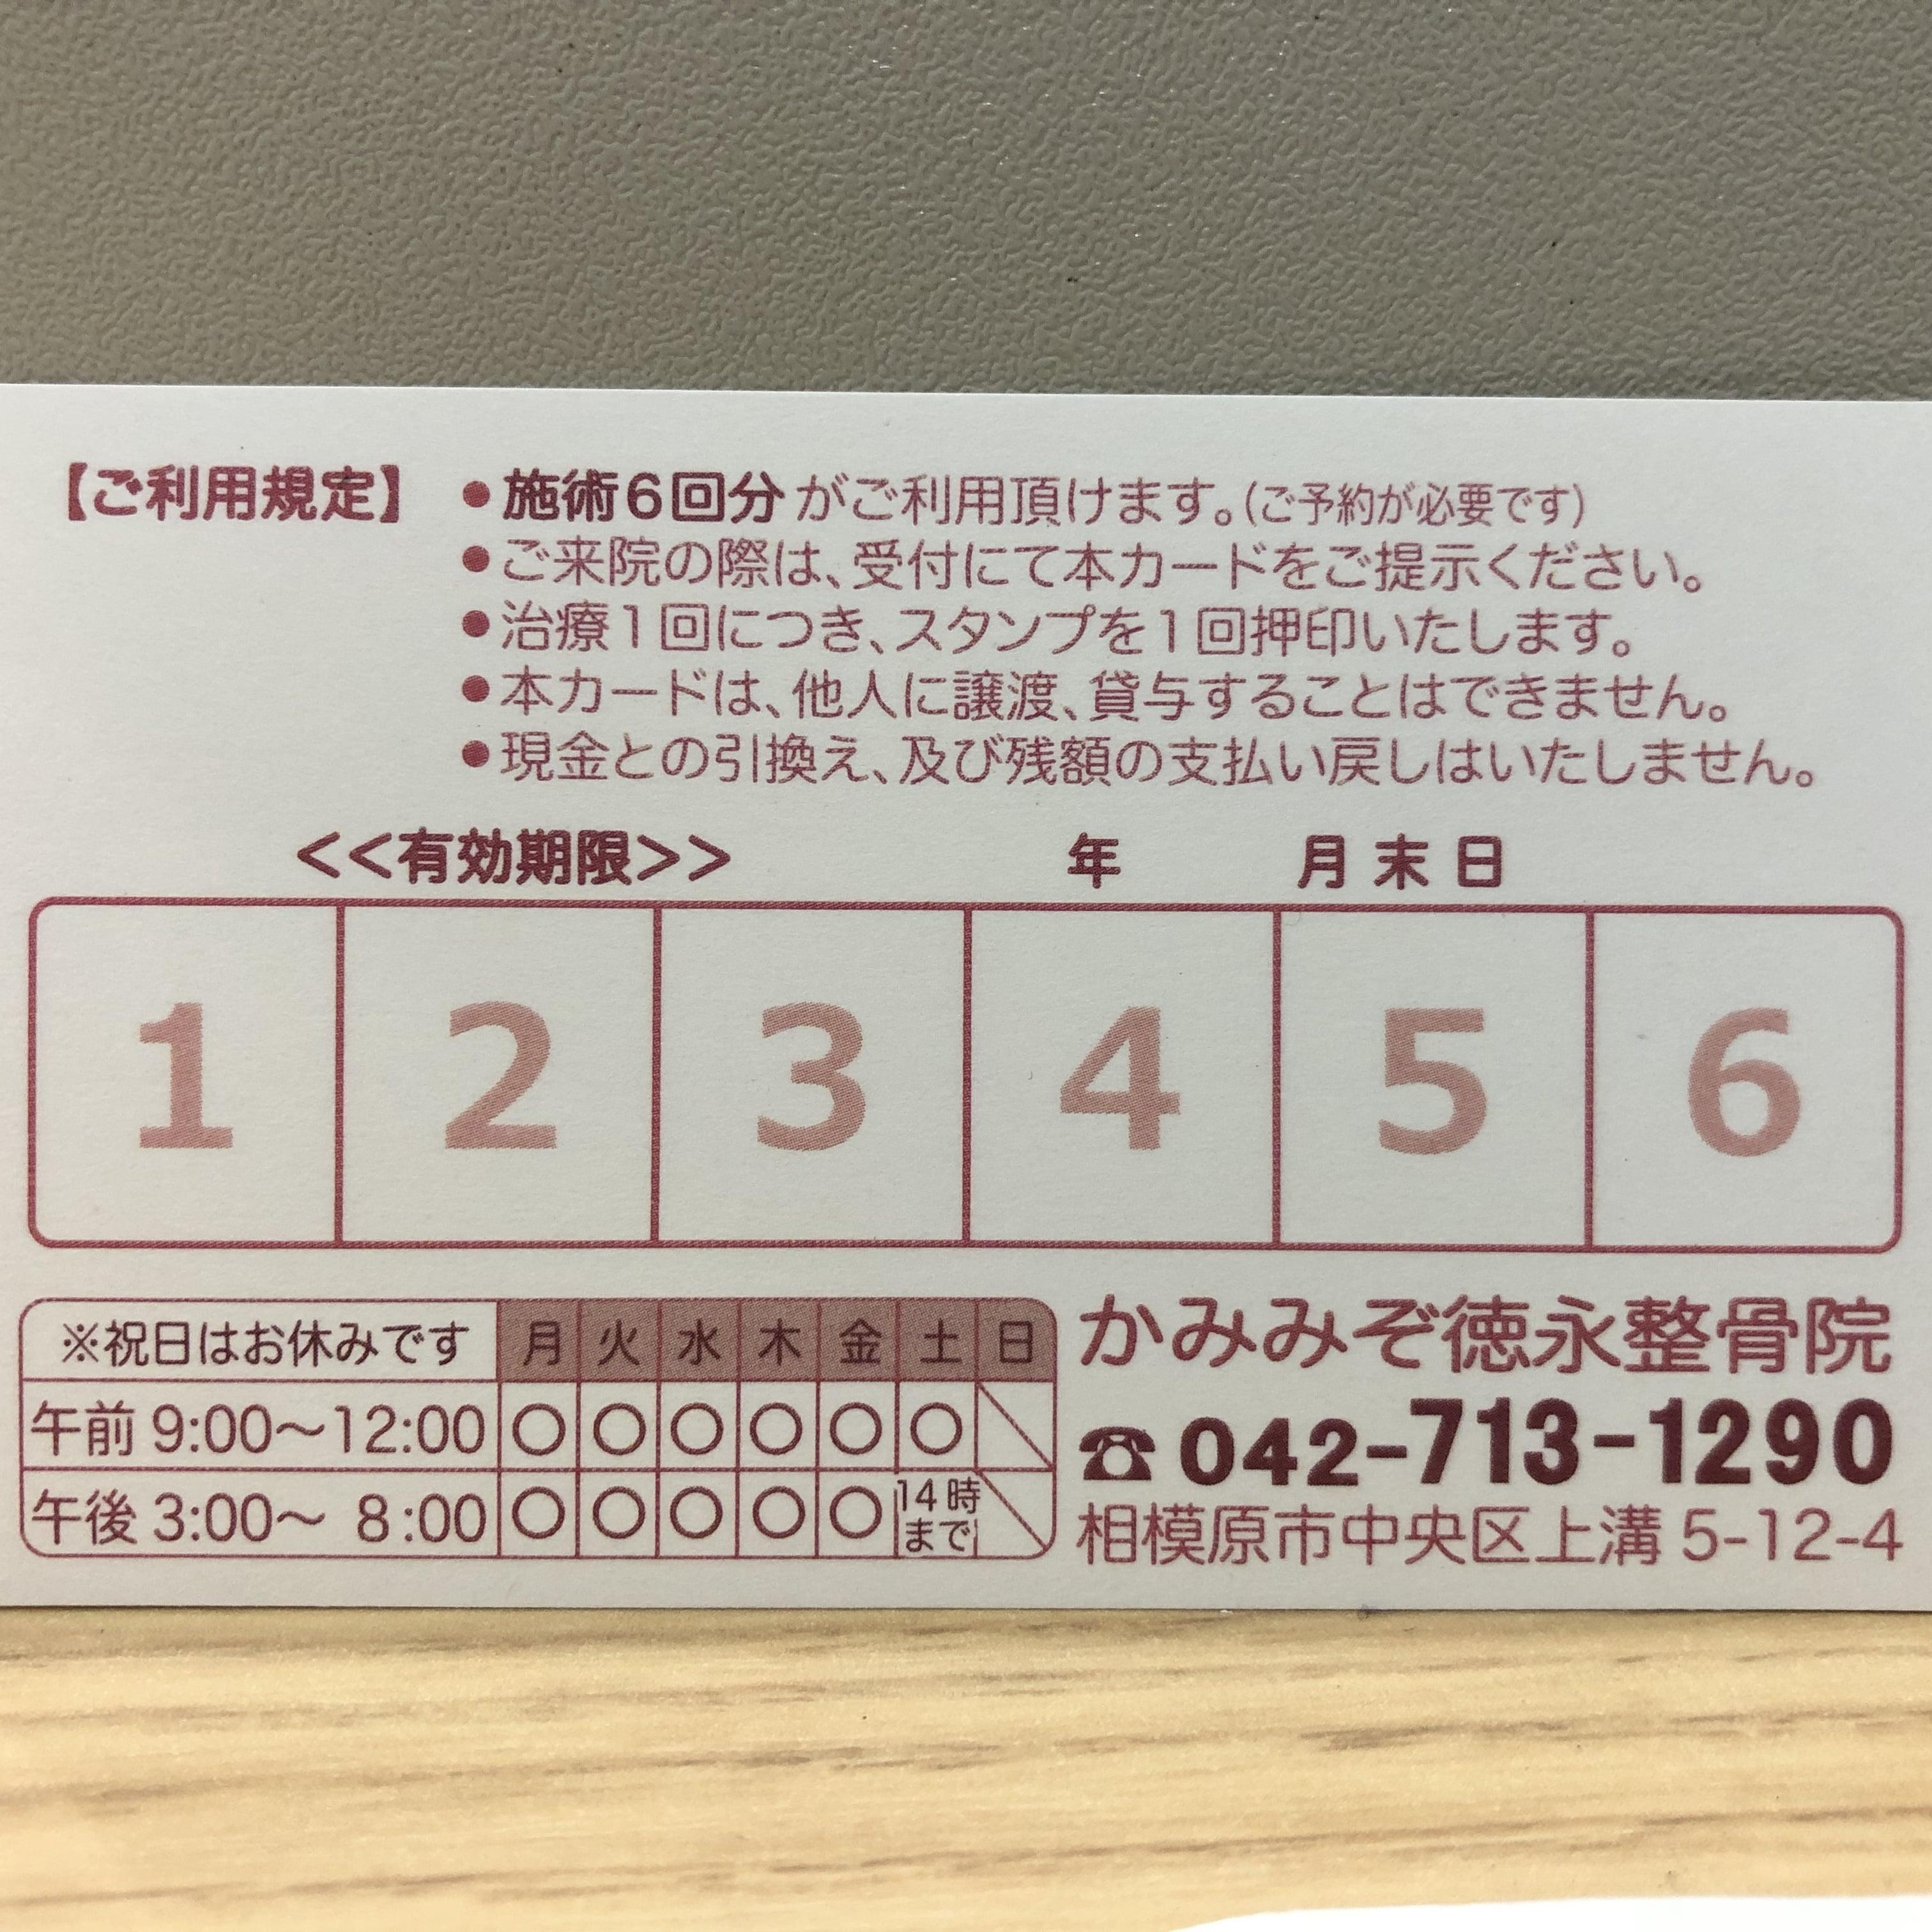 【店頭払い専用】【メルマガ会員様限定】無痛ゆがみ調整継続回数券のイメージその2